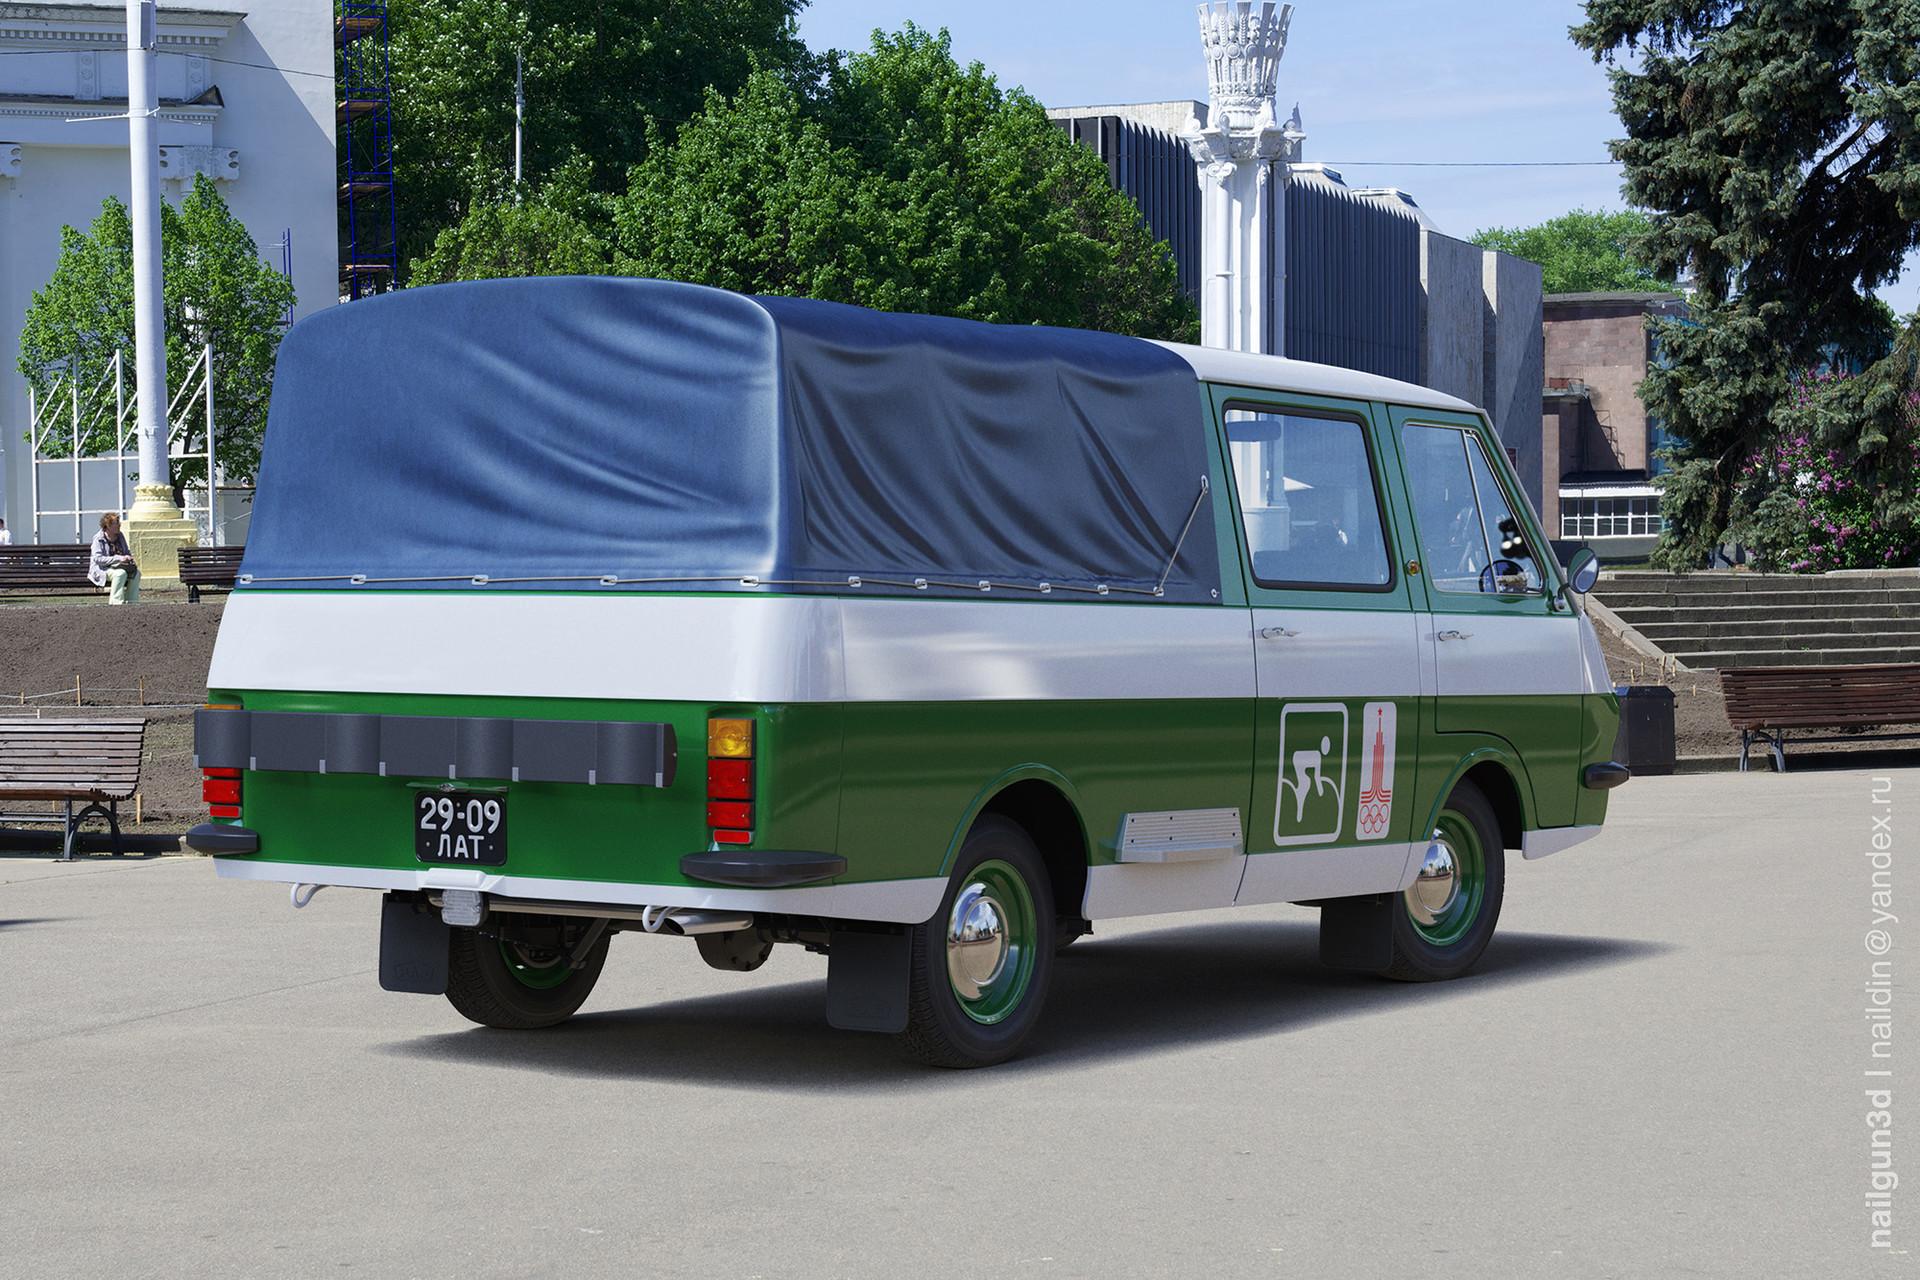 Nail khusnutdinov als 234 010 raf 2909 rear view 3x